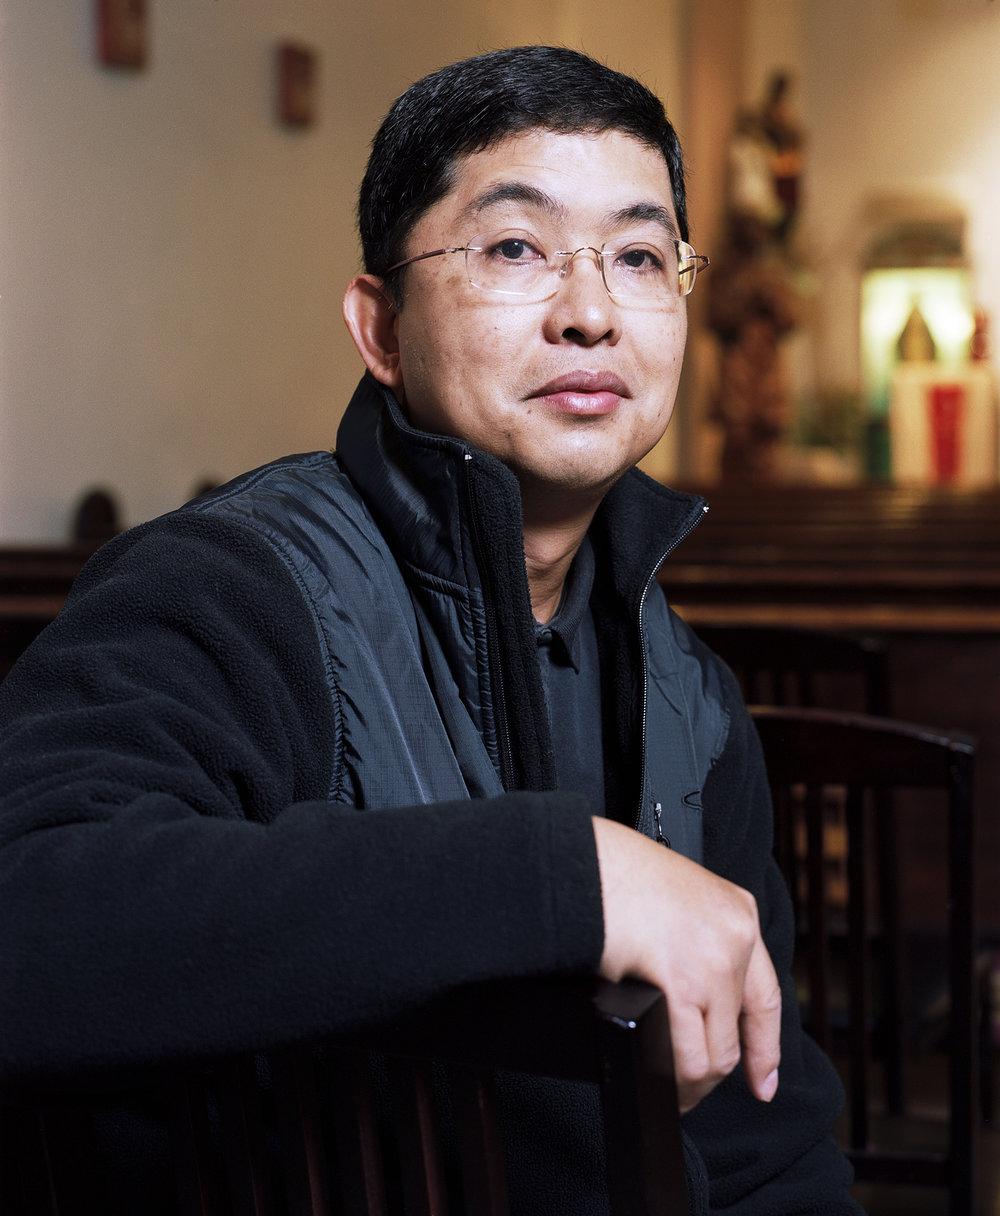 Fr. JoMar, 2011